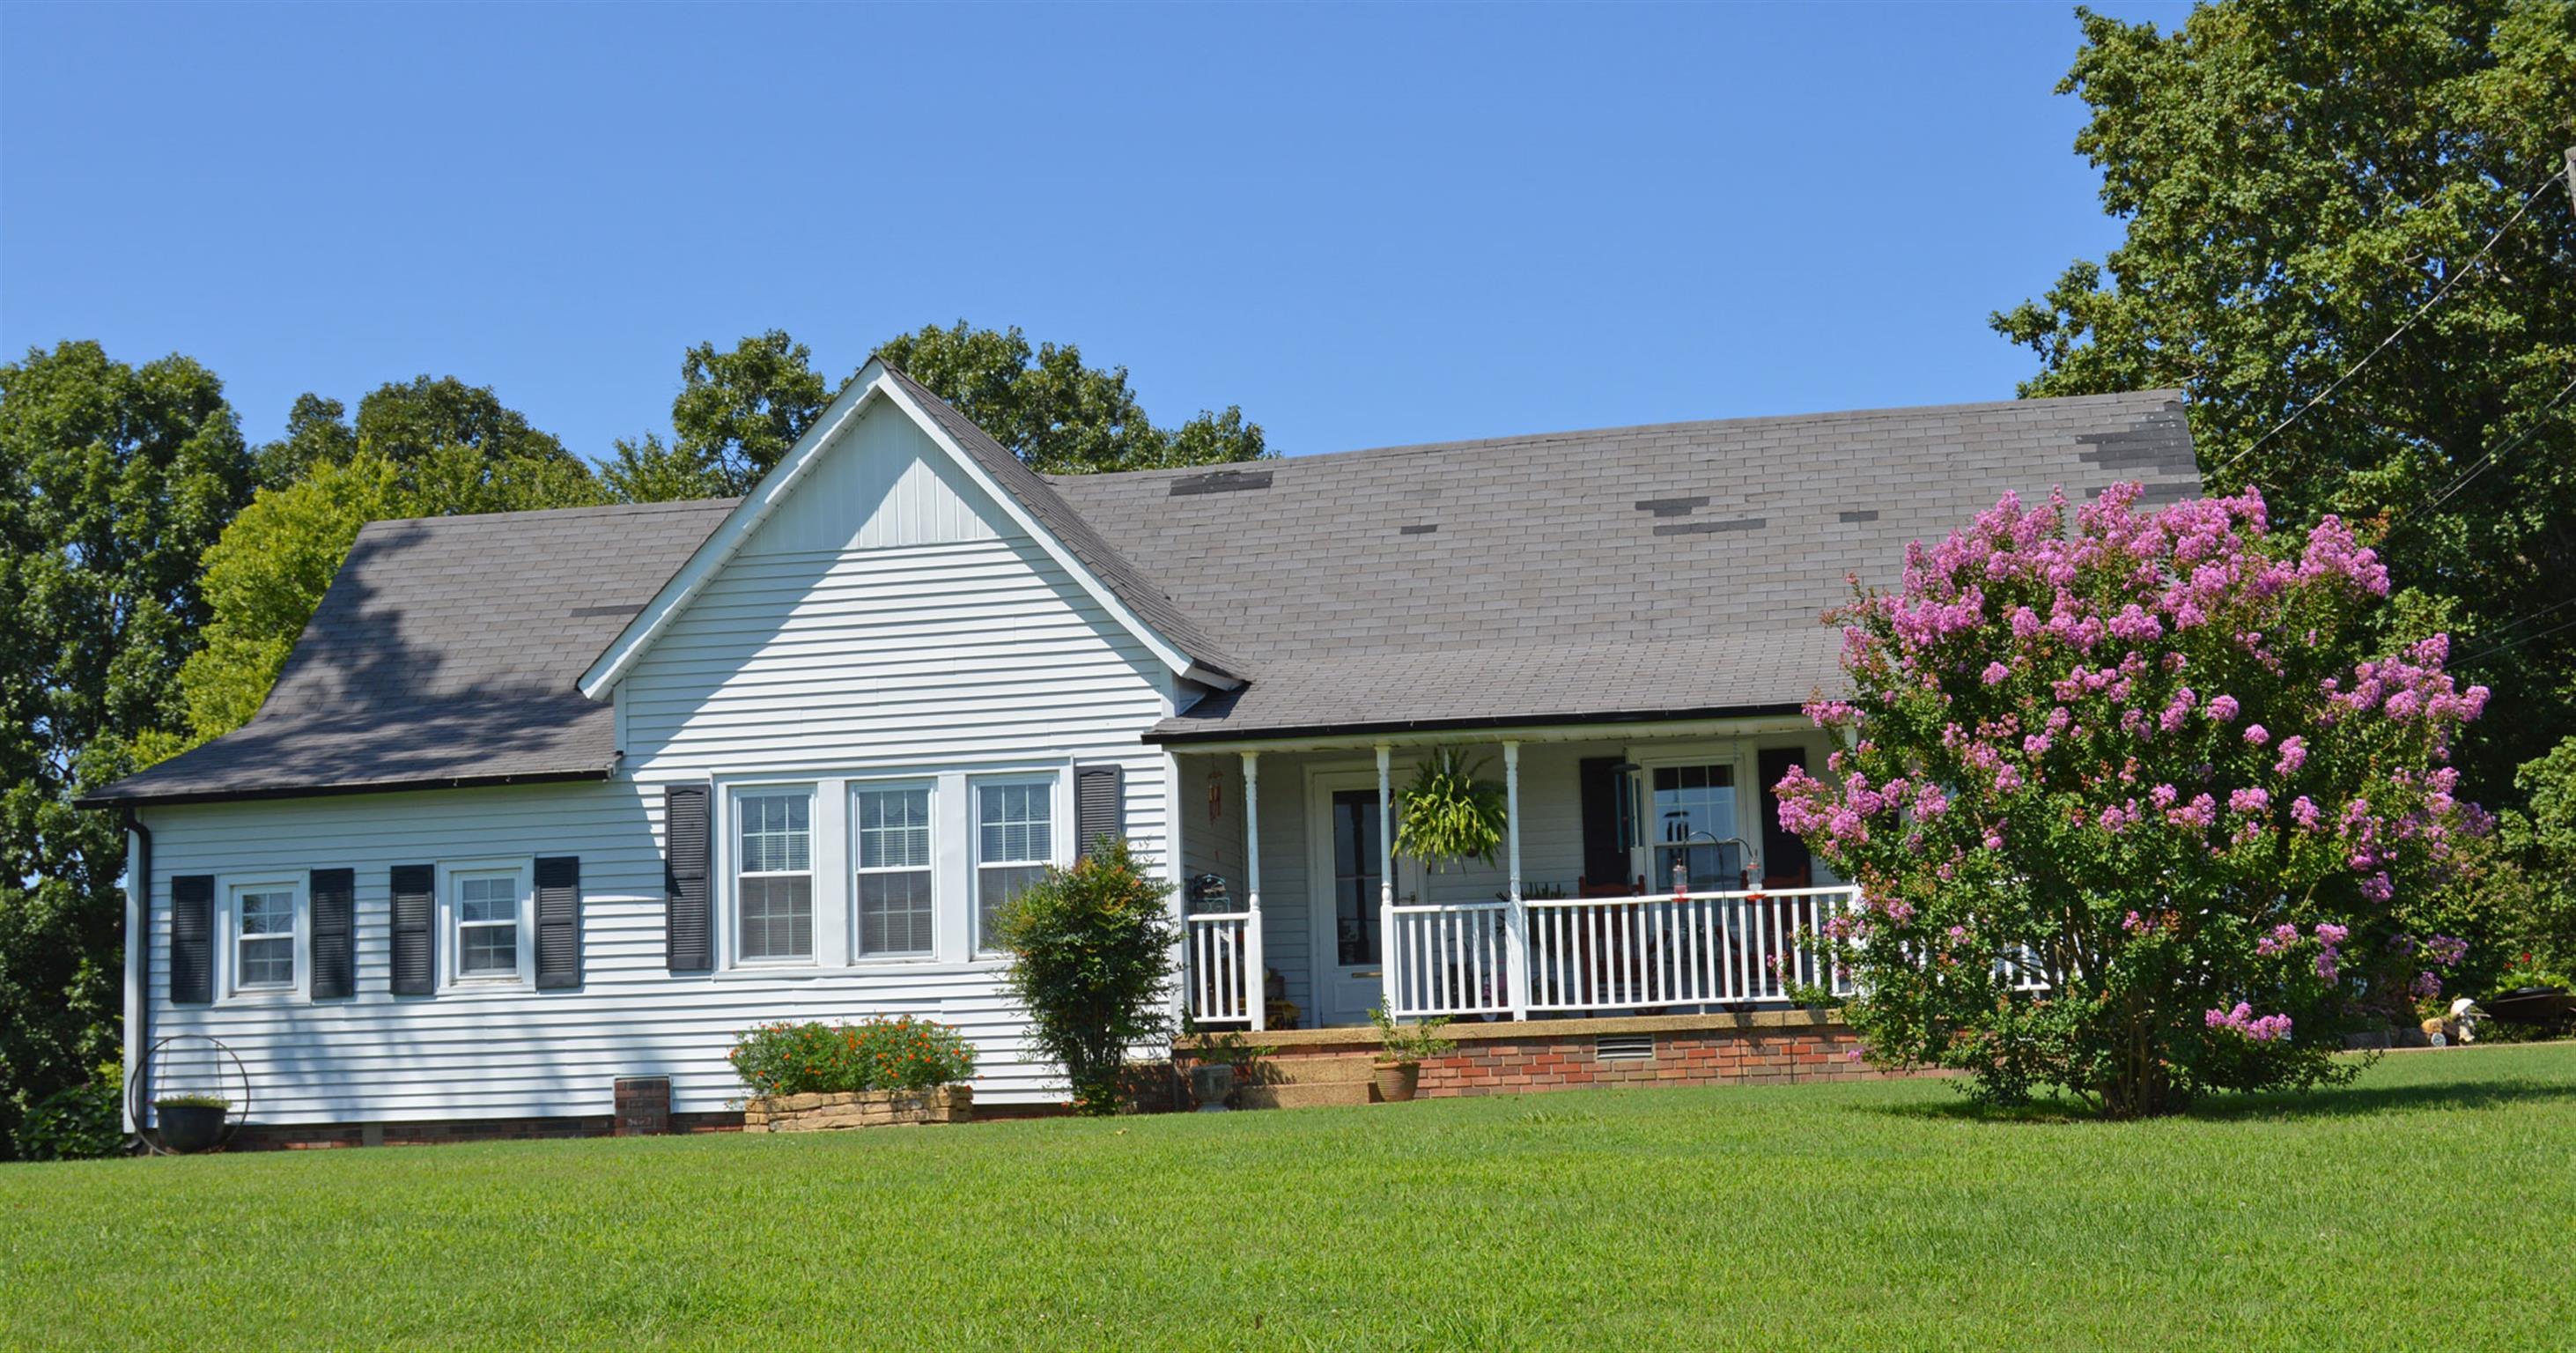 1434 OLD STEWART ROAD, Tennessee Ridge, TN 37178 - Tennessee Ridge, TN real estate listing